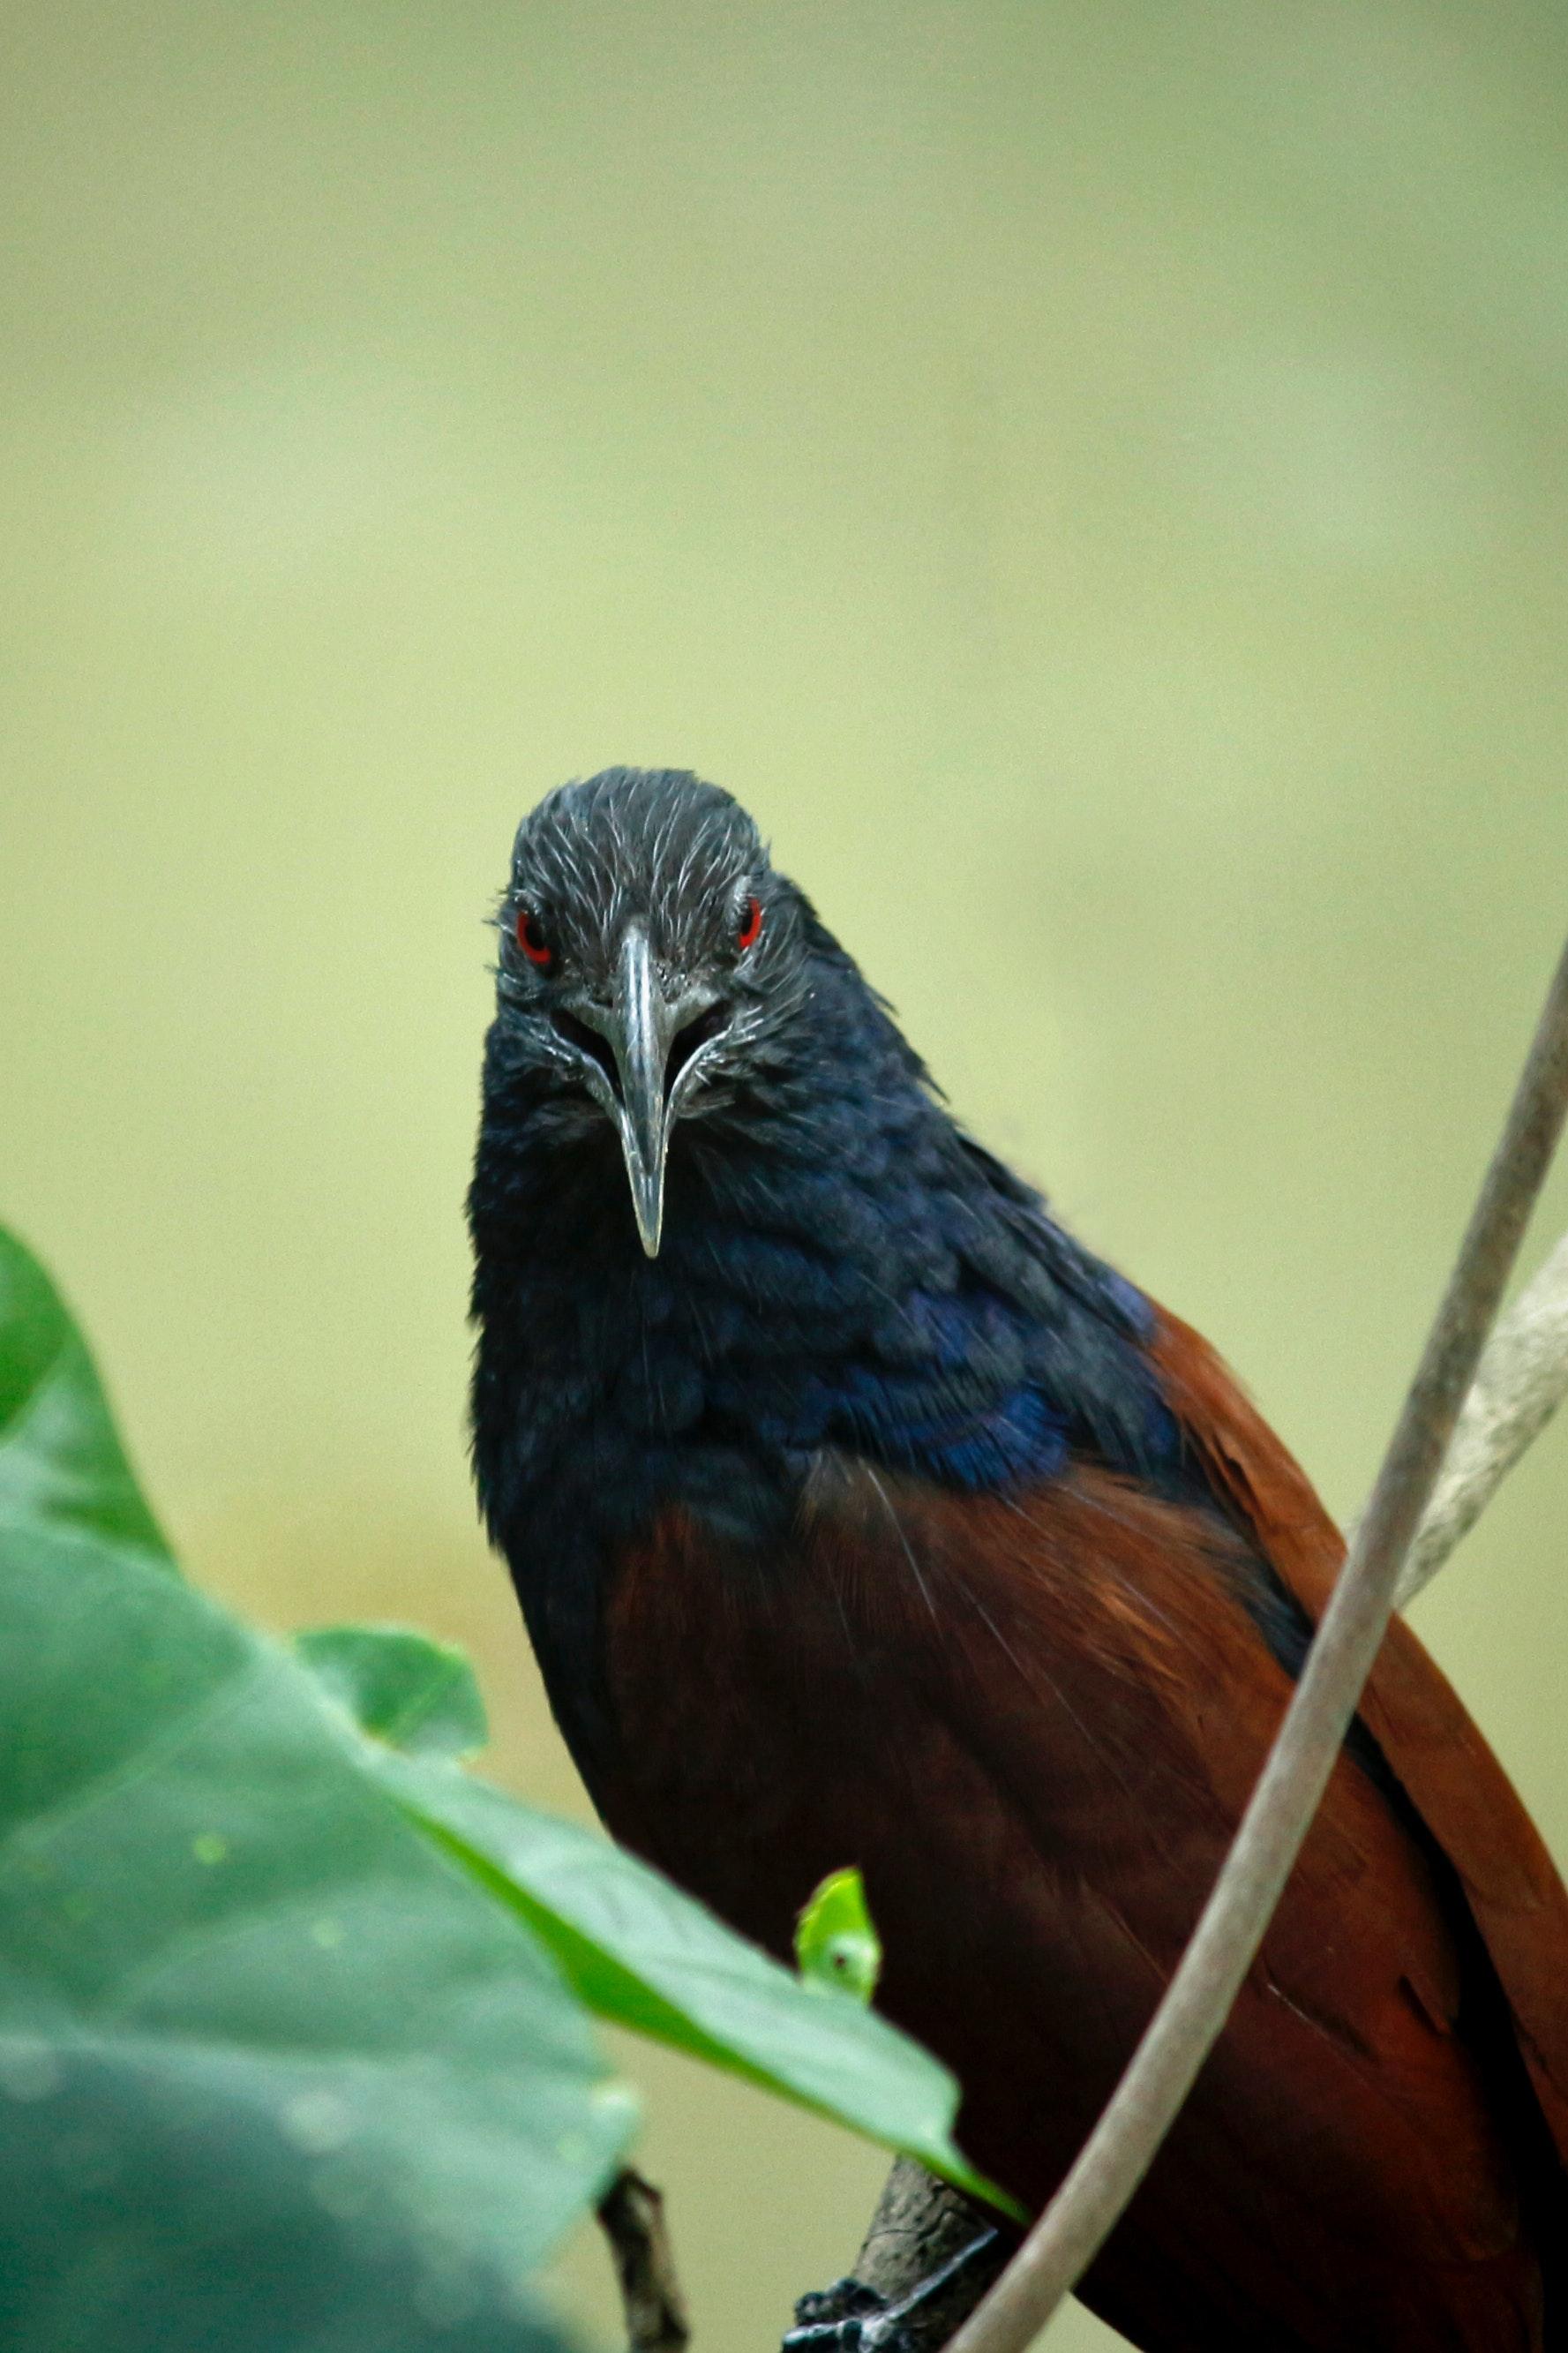 Φωτογραφίες από το μεγαλύτερο πουλί δωρεάν λεσβιακές ταινίες αποπλάνησης